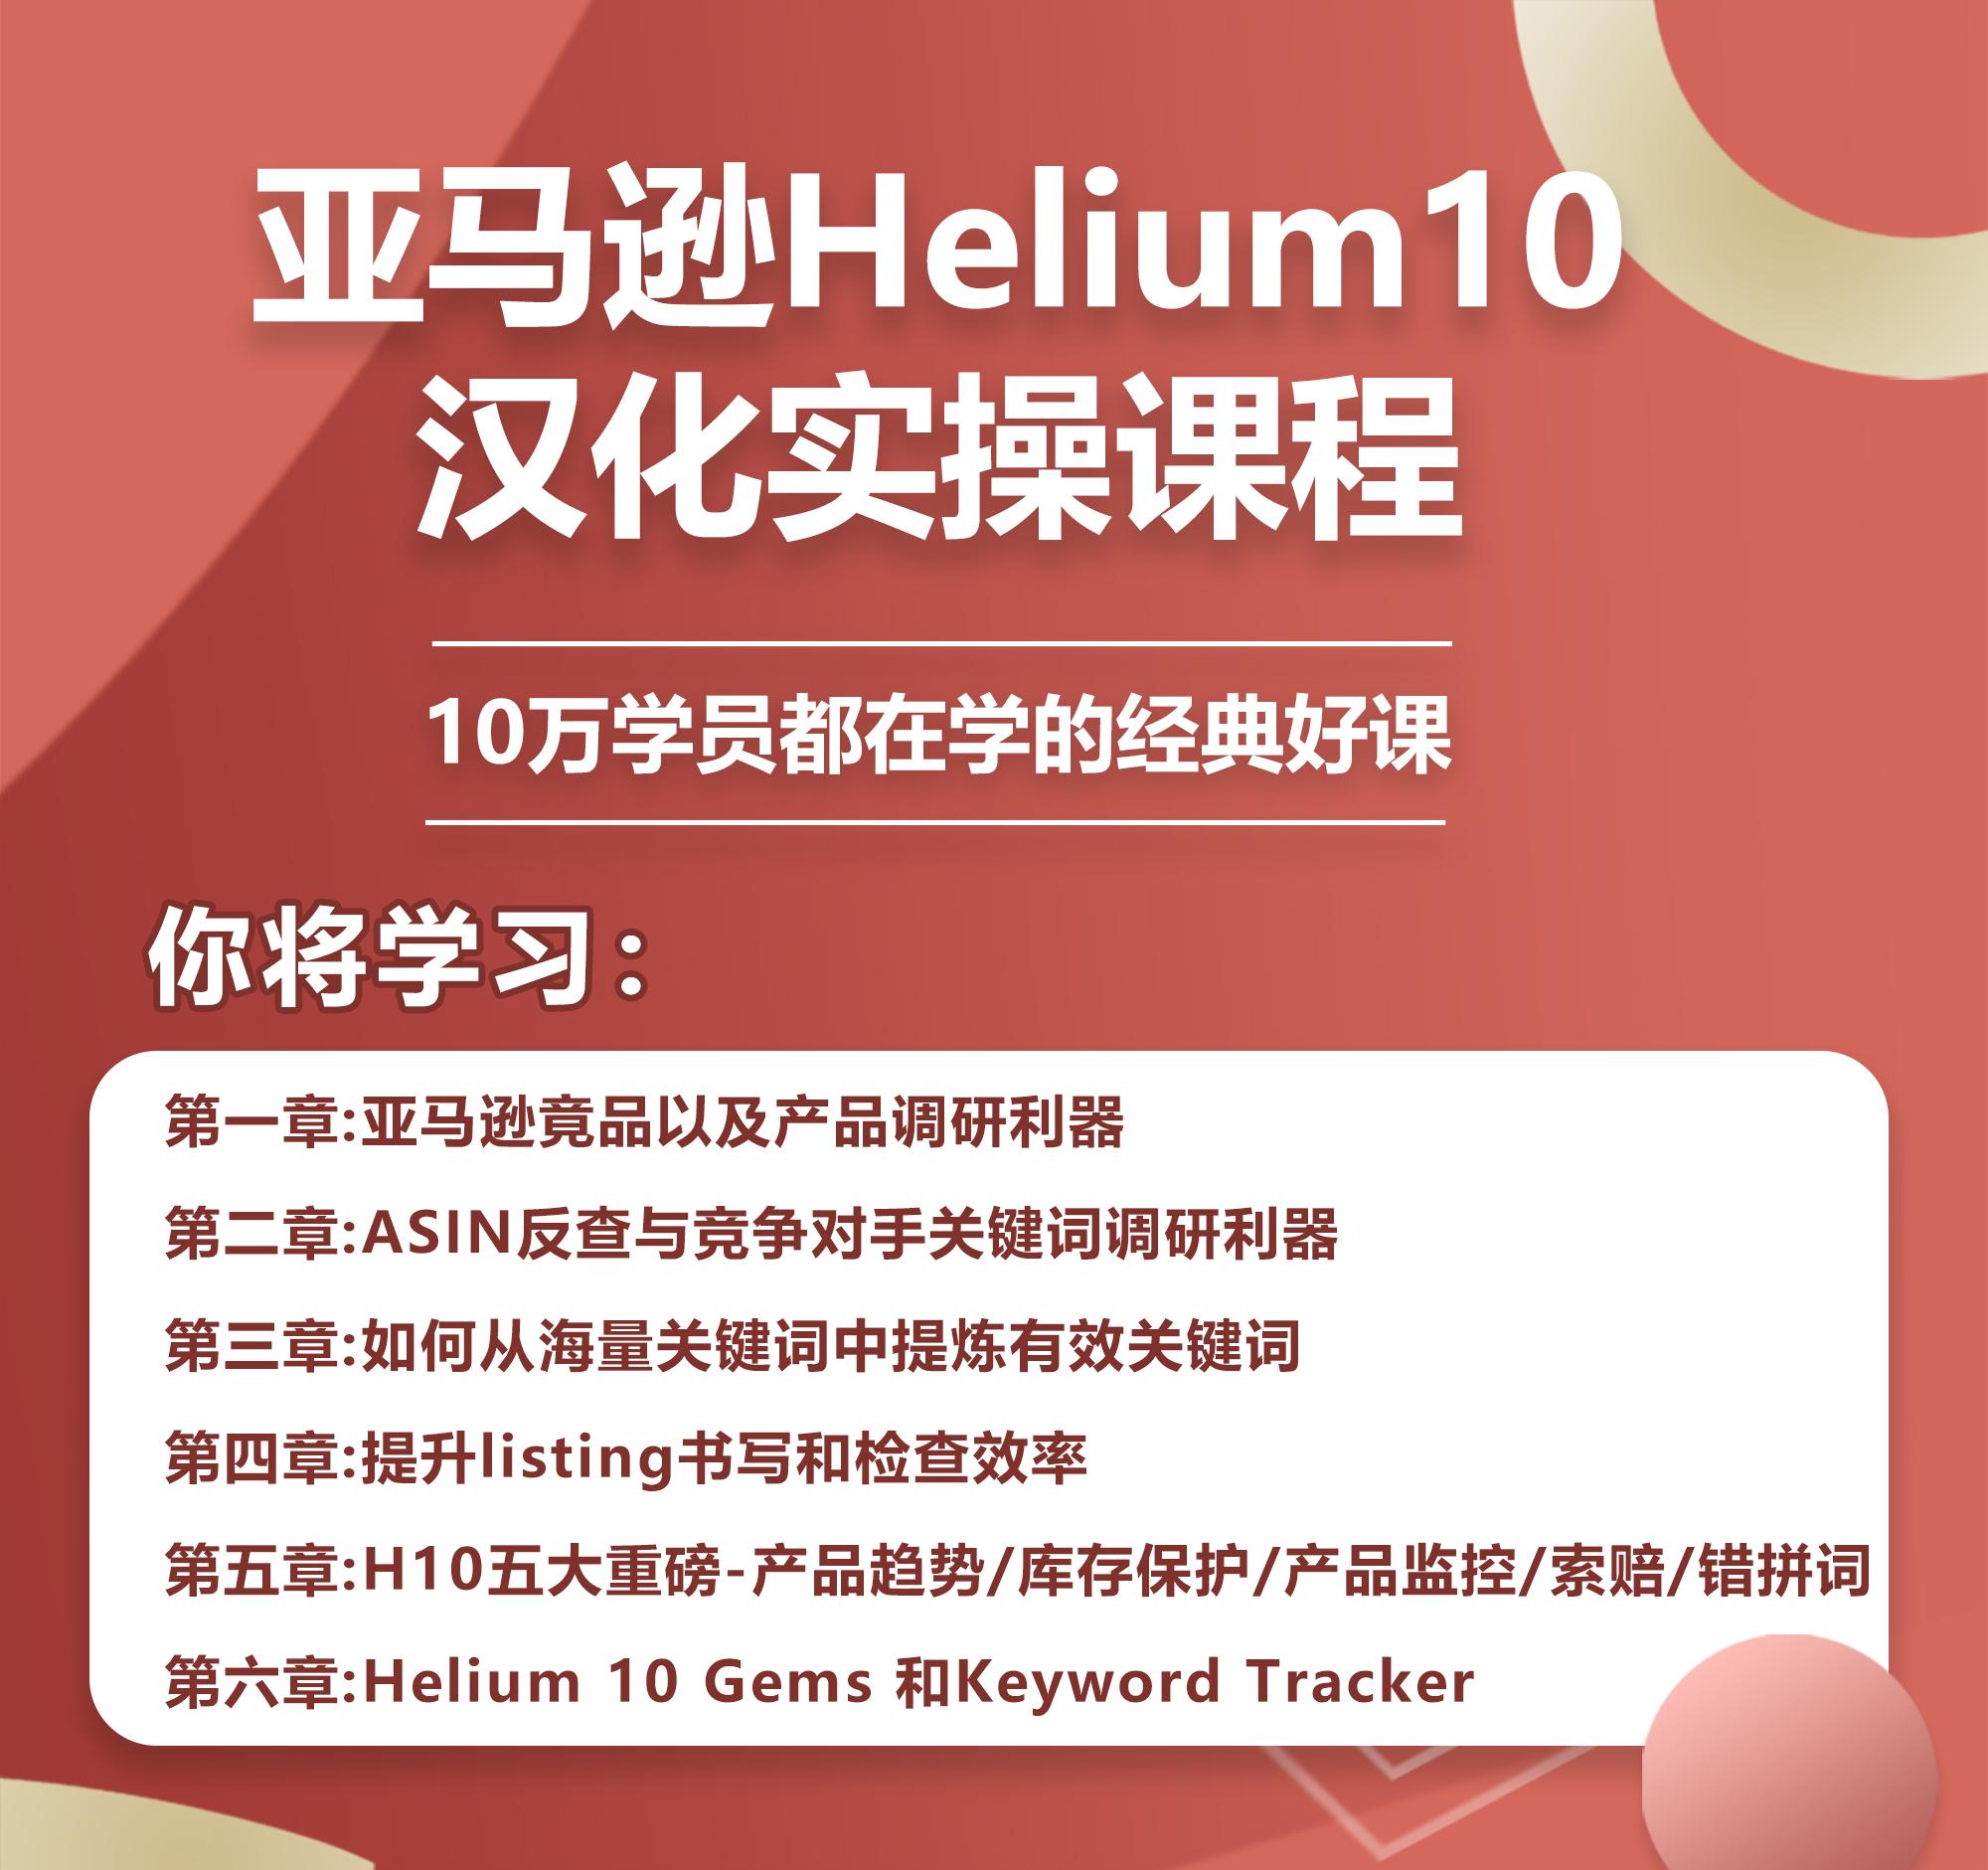 亚马逊Helium 10汉化实操培训课程